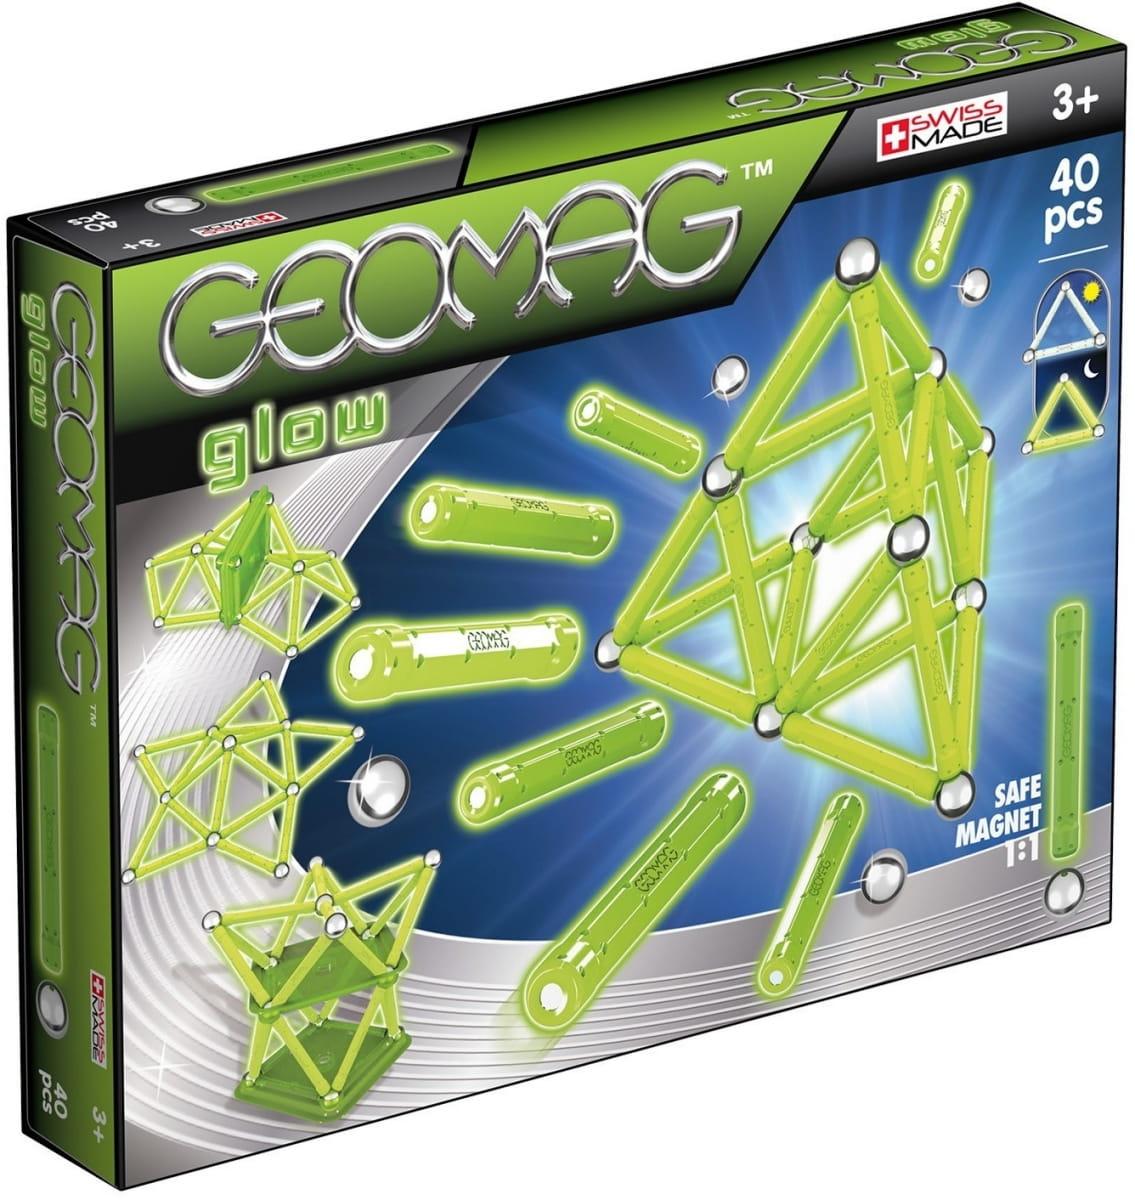 Магнитный конструктор GEOMAG Glow  40 деталей - Магнитные конструкторы